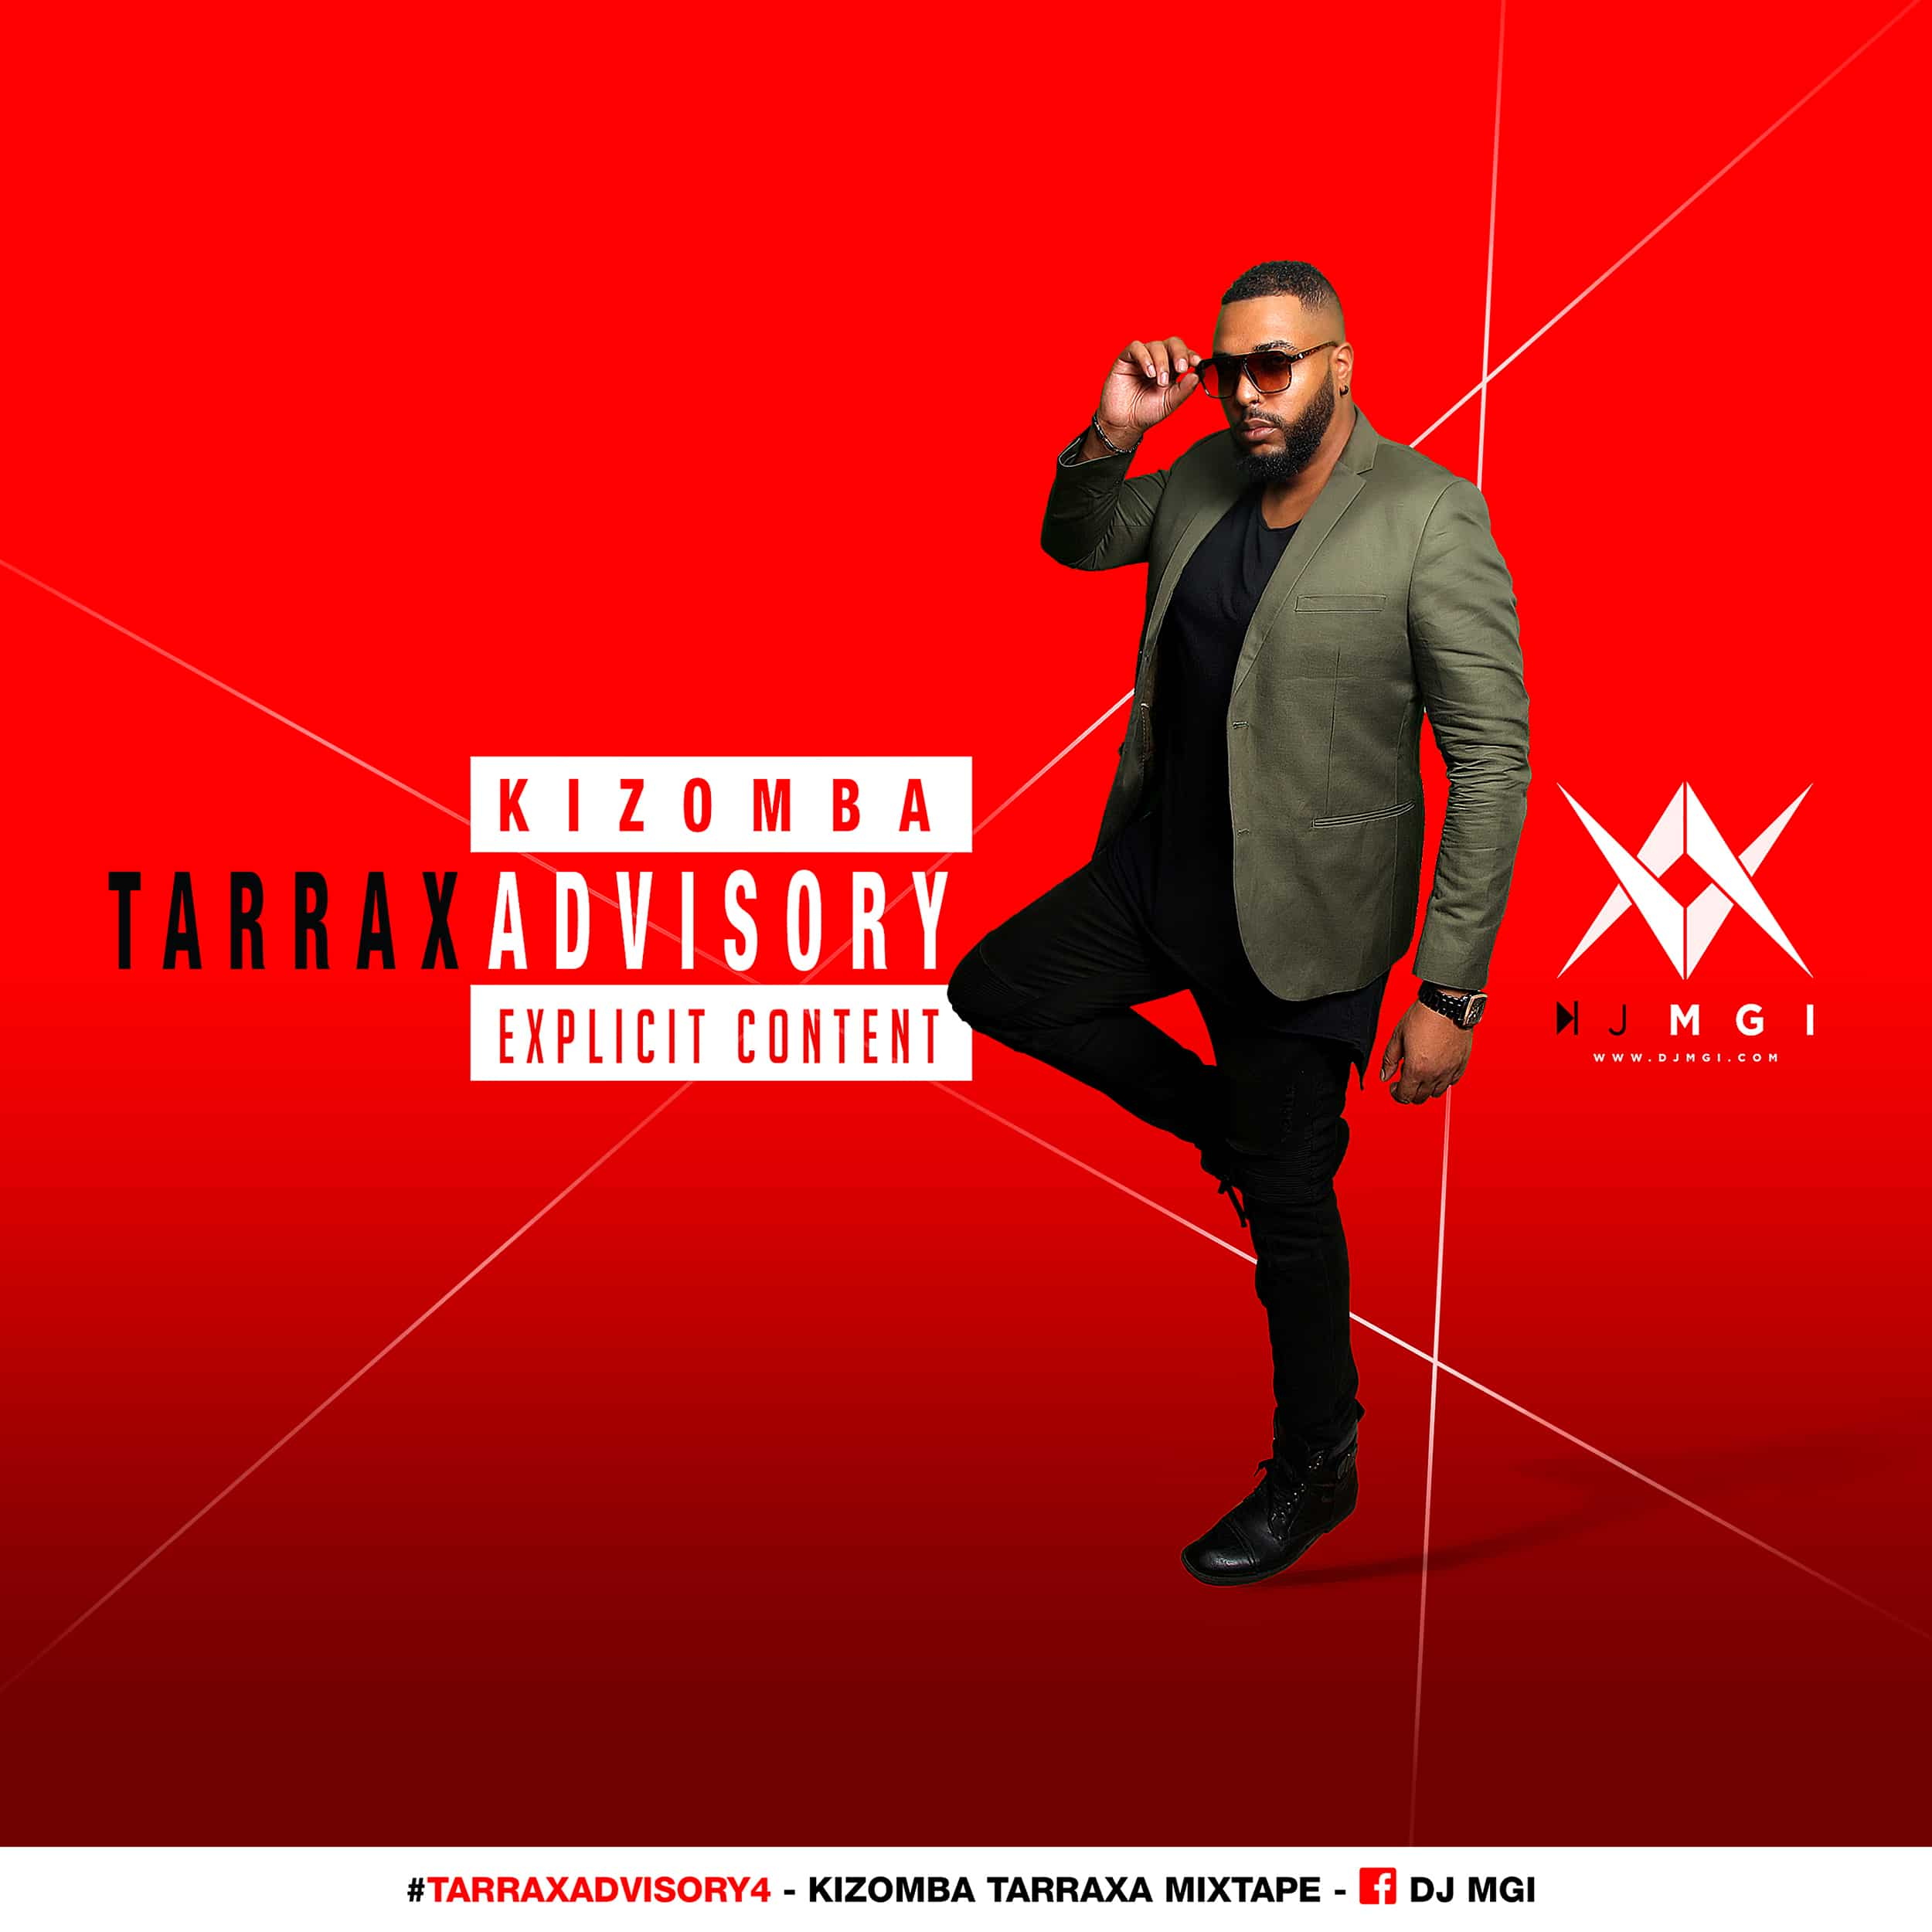 TarraxaDvisory 4 - Kizomba Tarraxa Mixtape - Dj Mgi